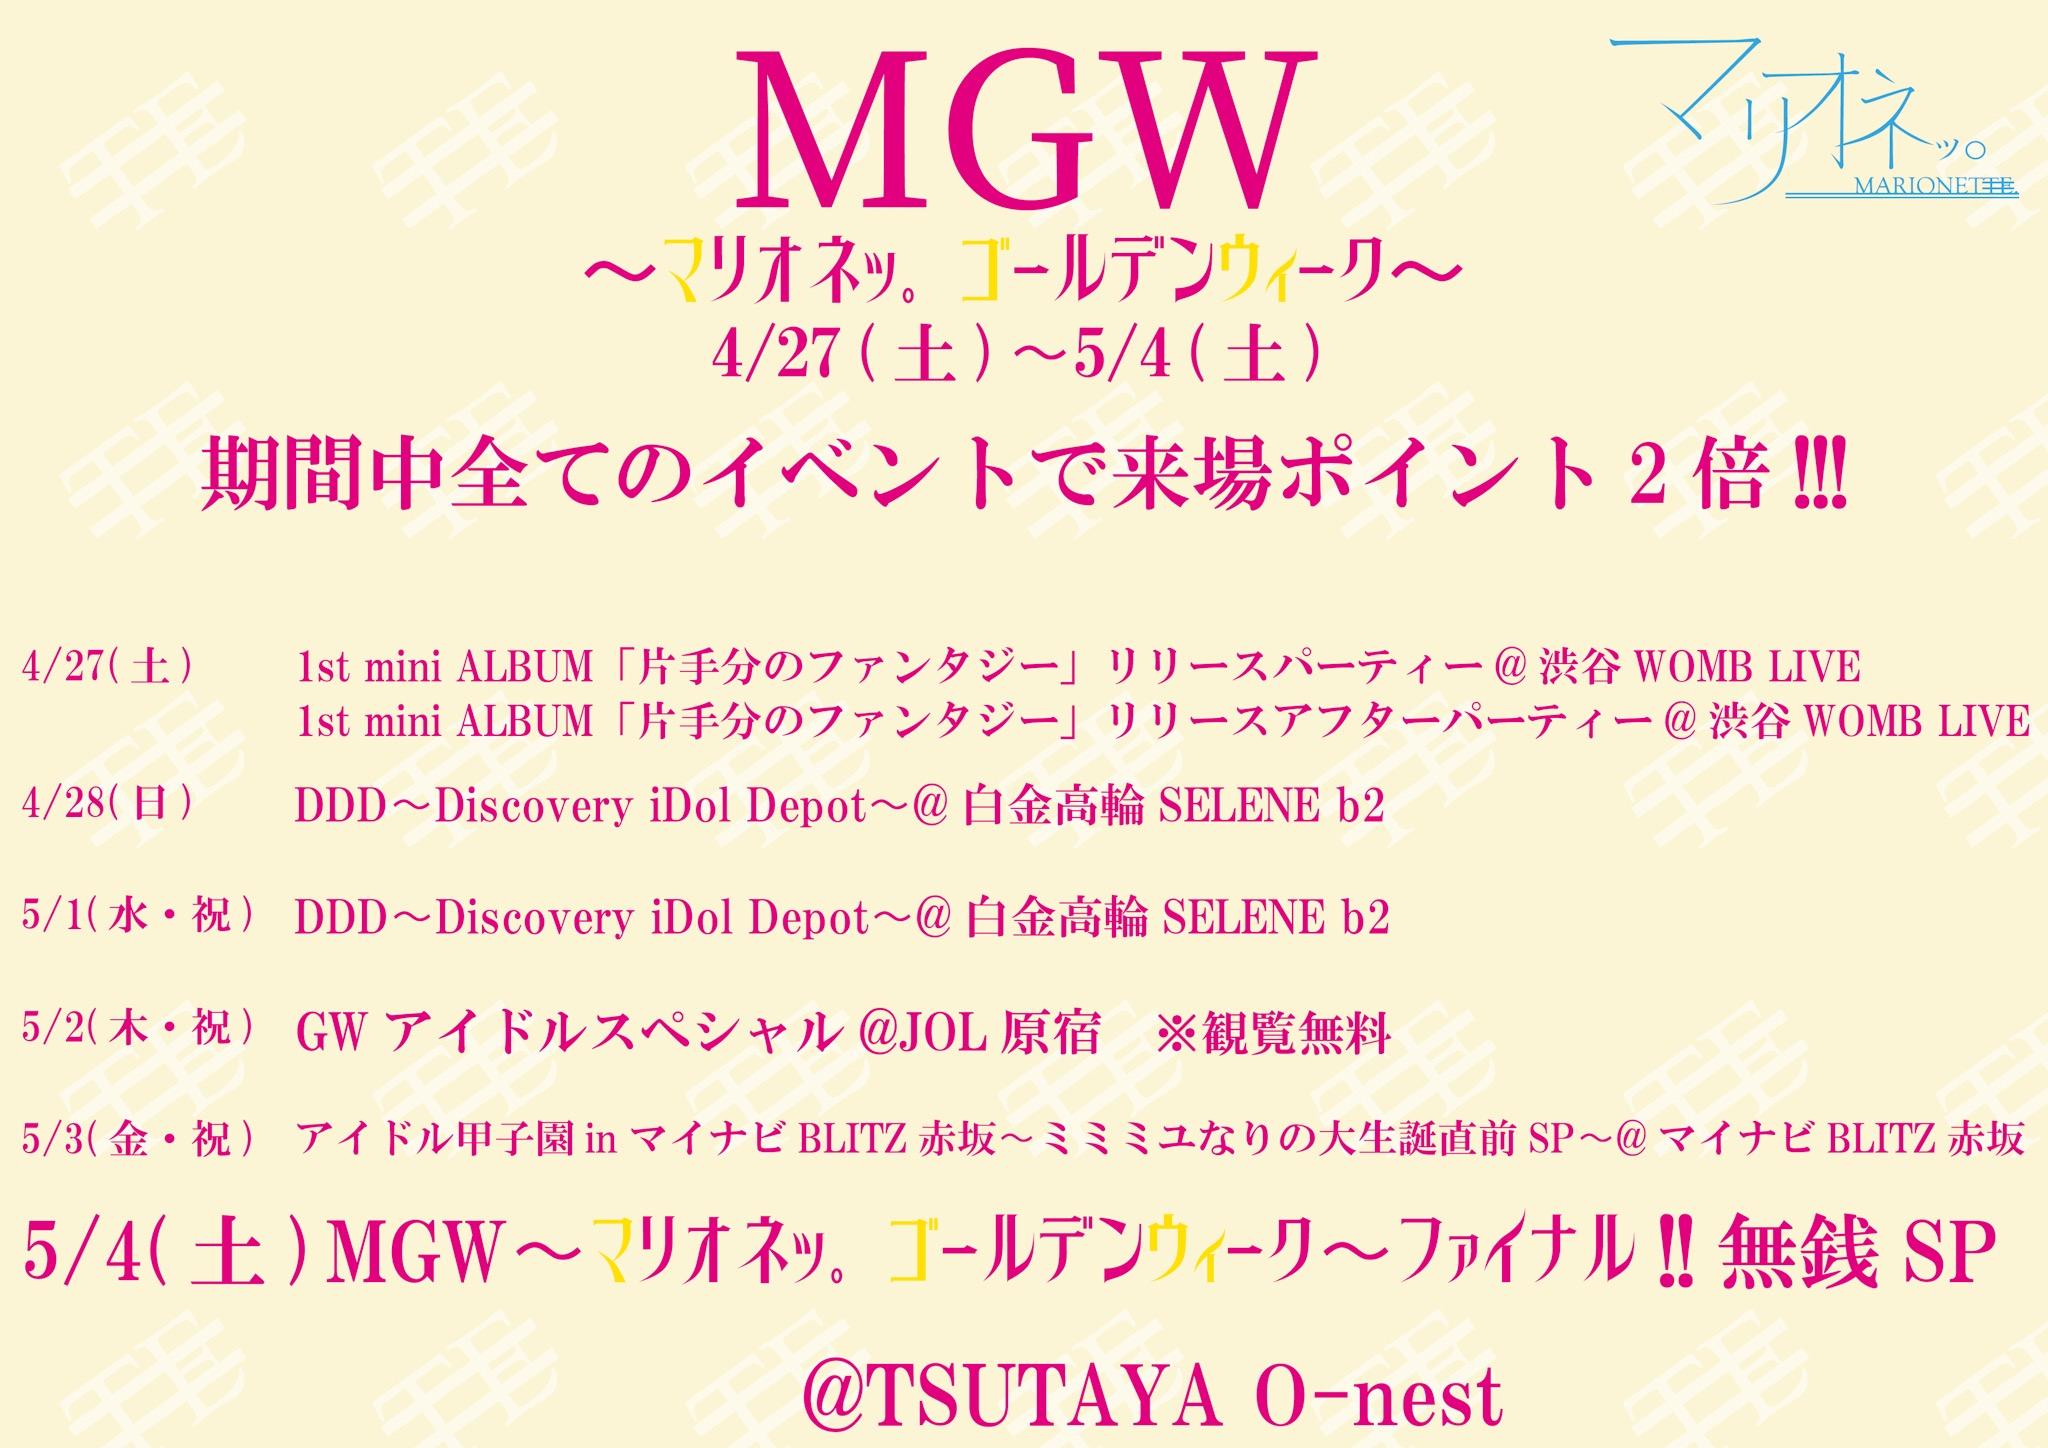 MGW〜マリオネッ。ゴールデンウィーク〜ファイナル!!無銭SP